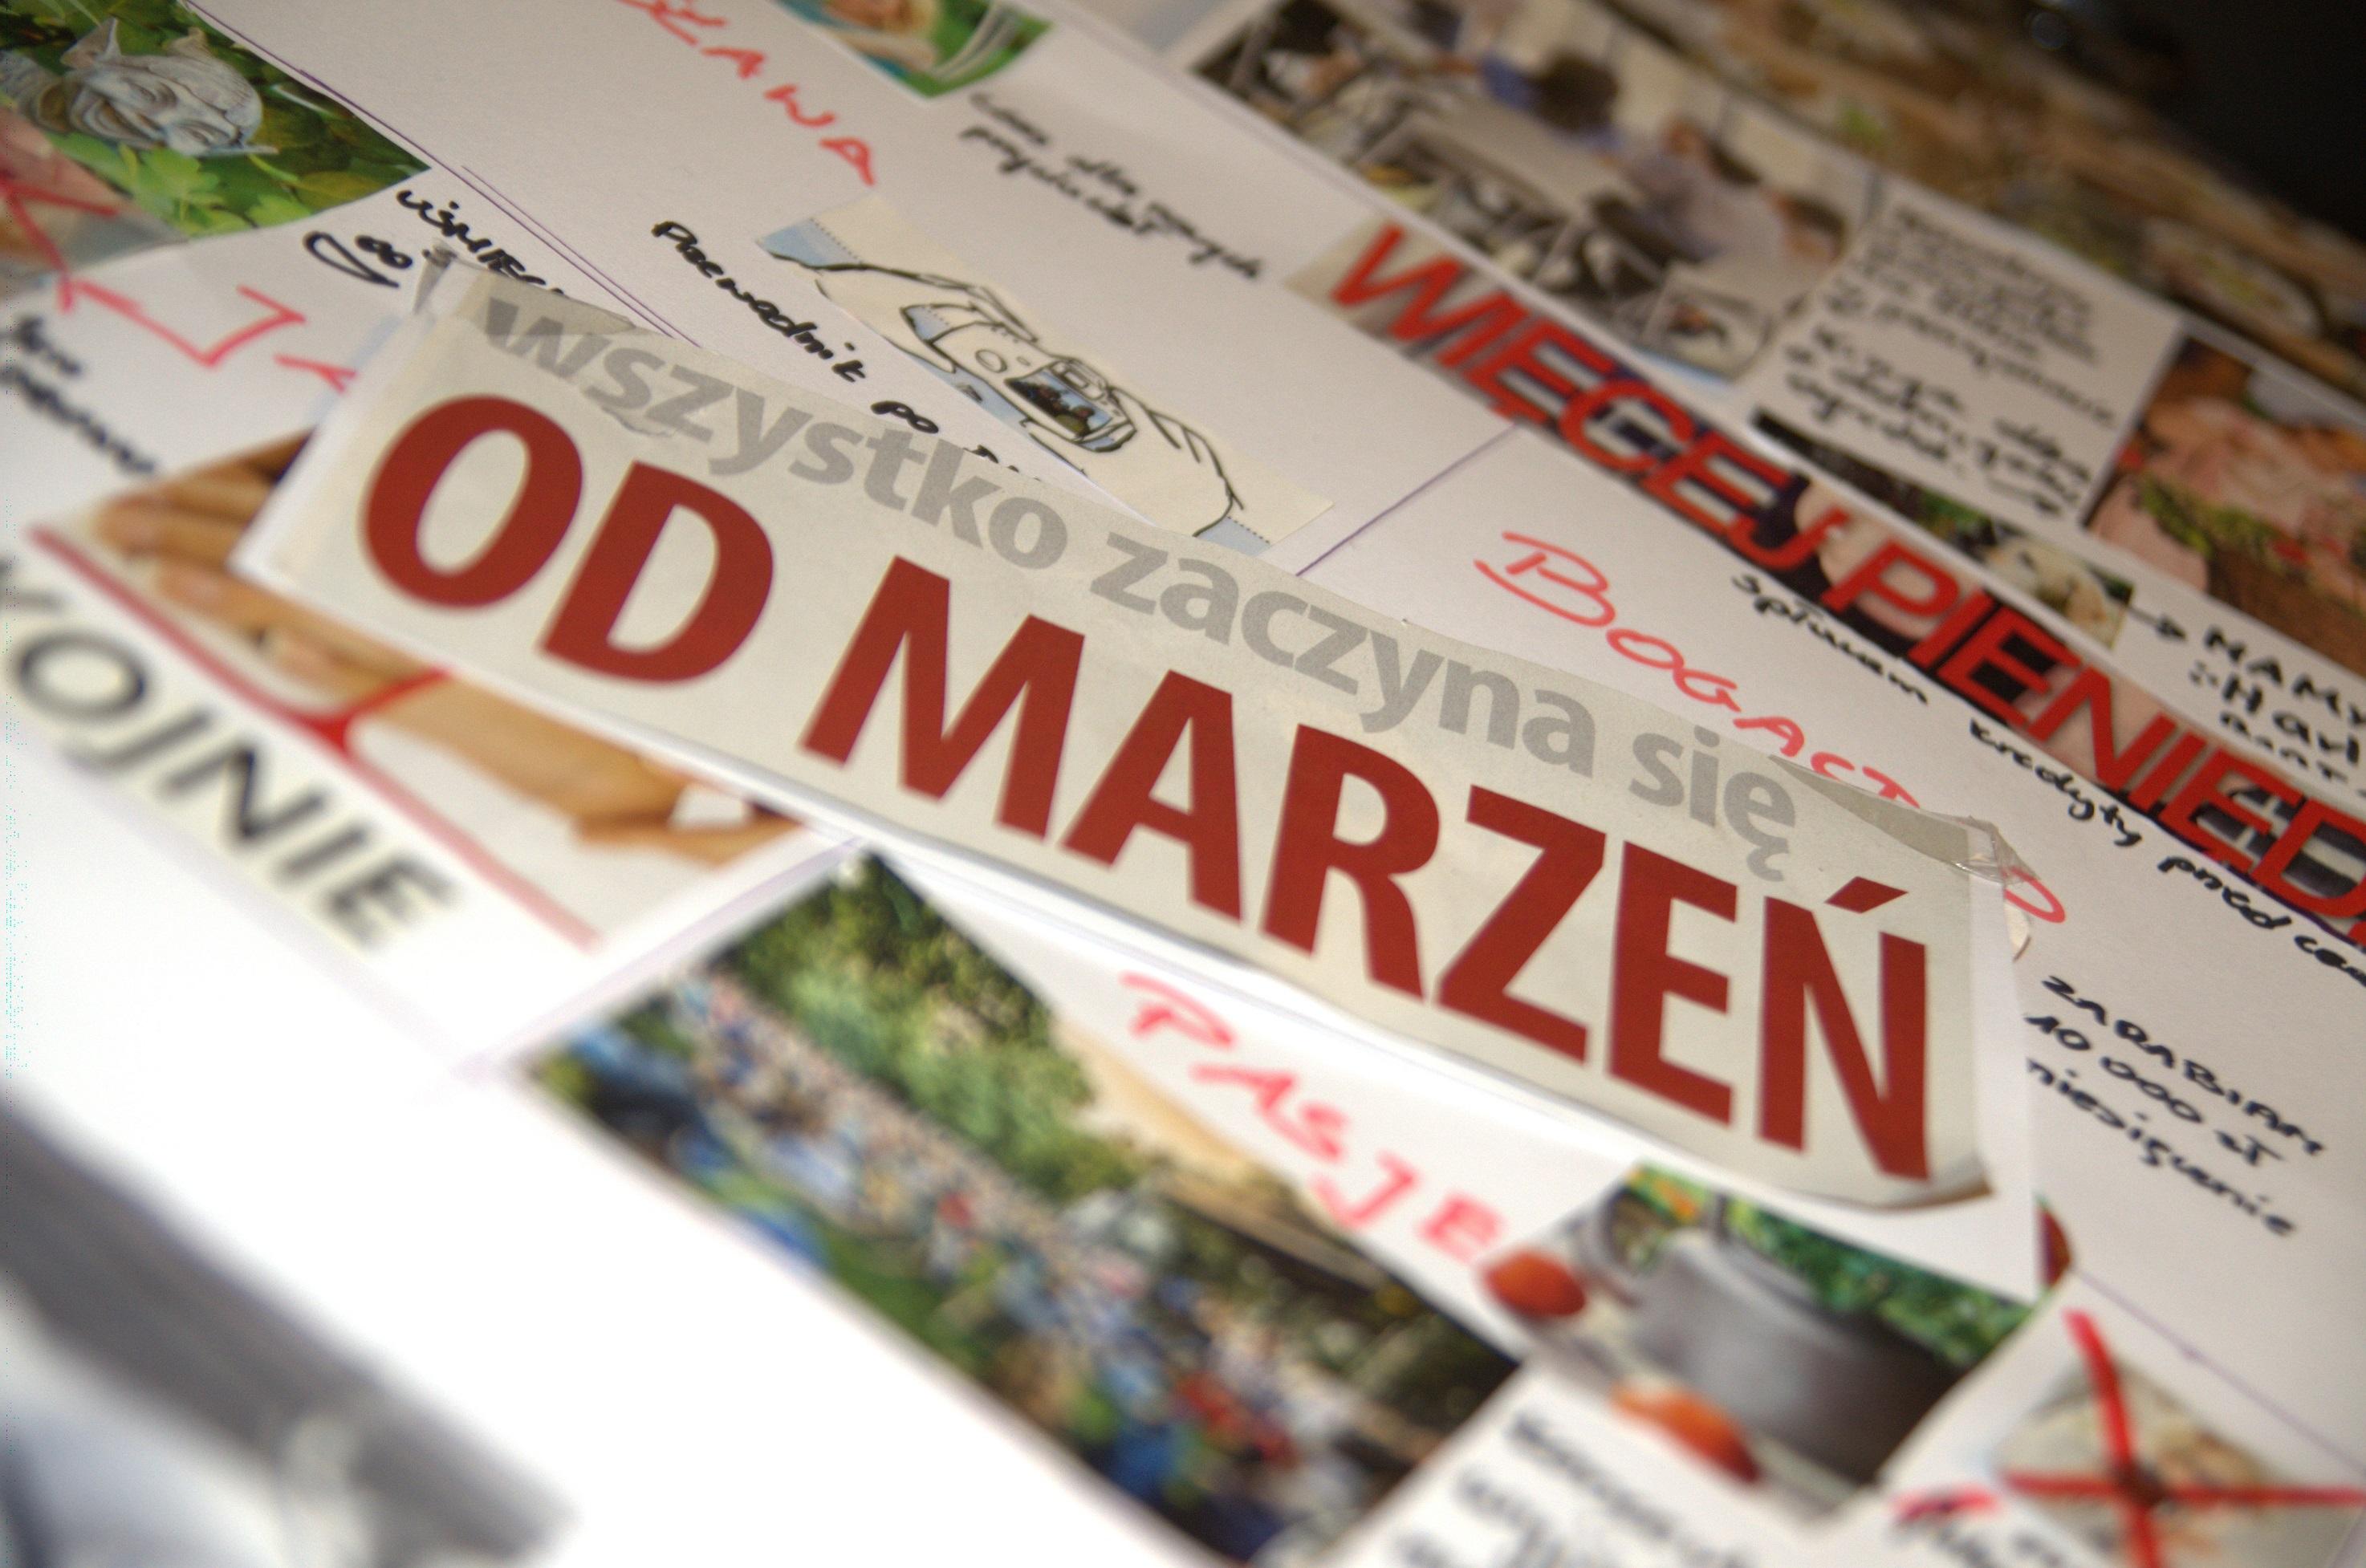 mapamarzen